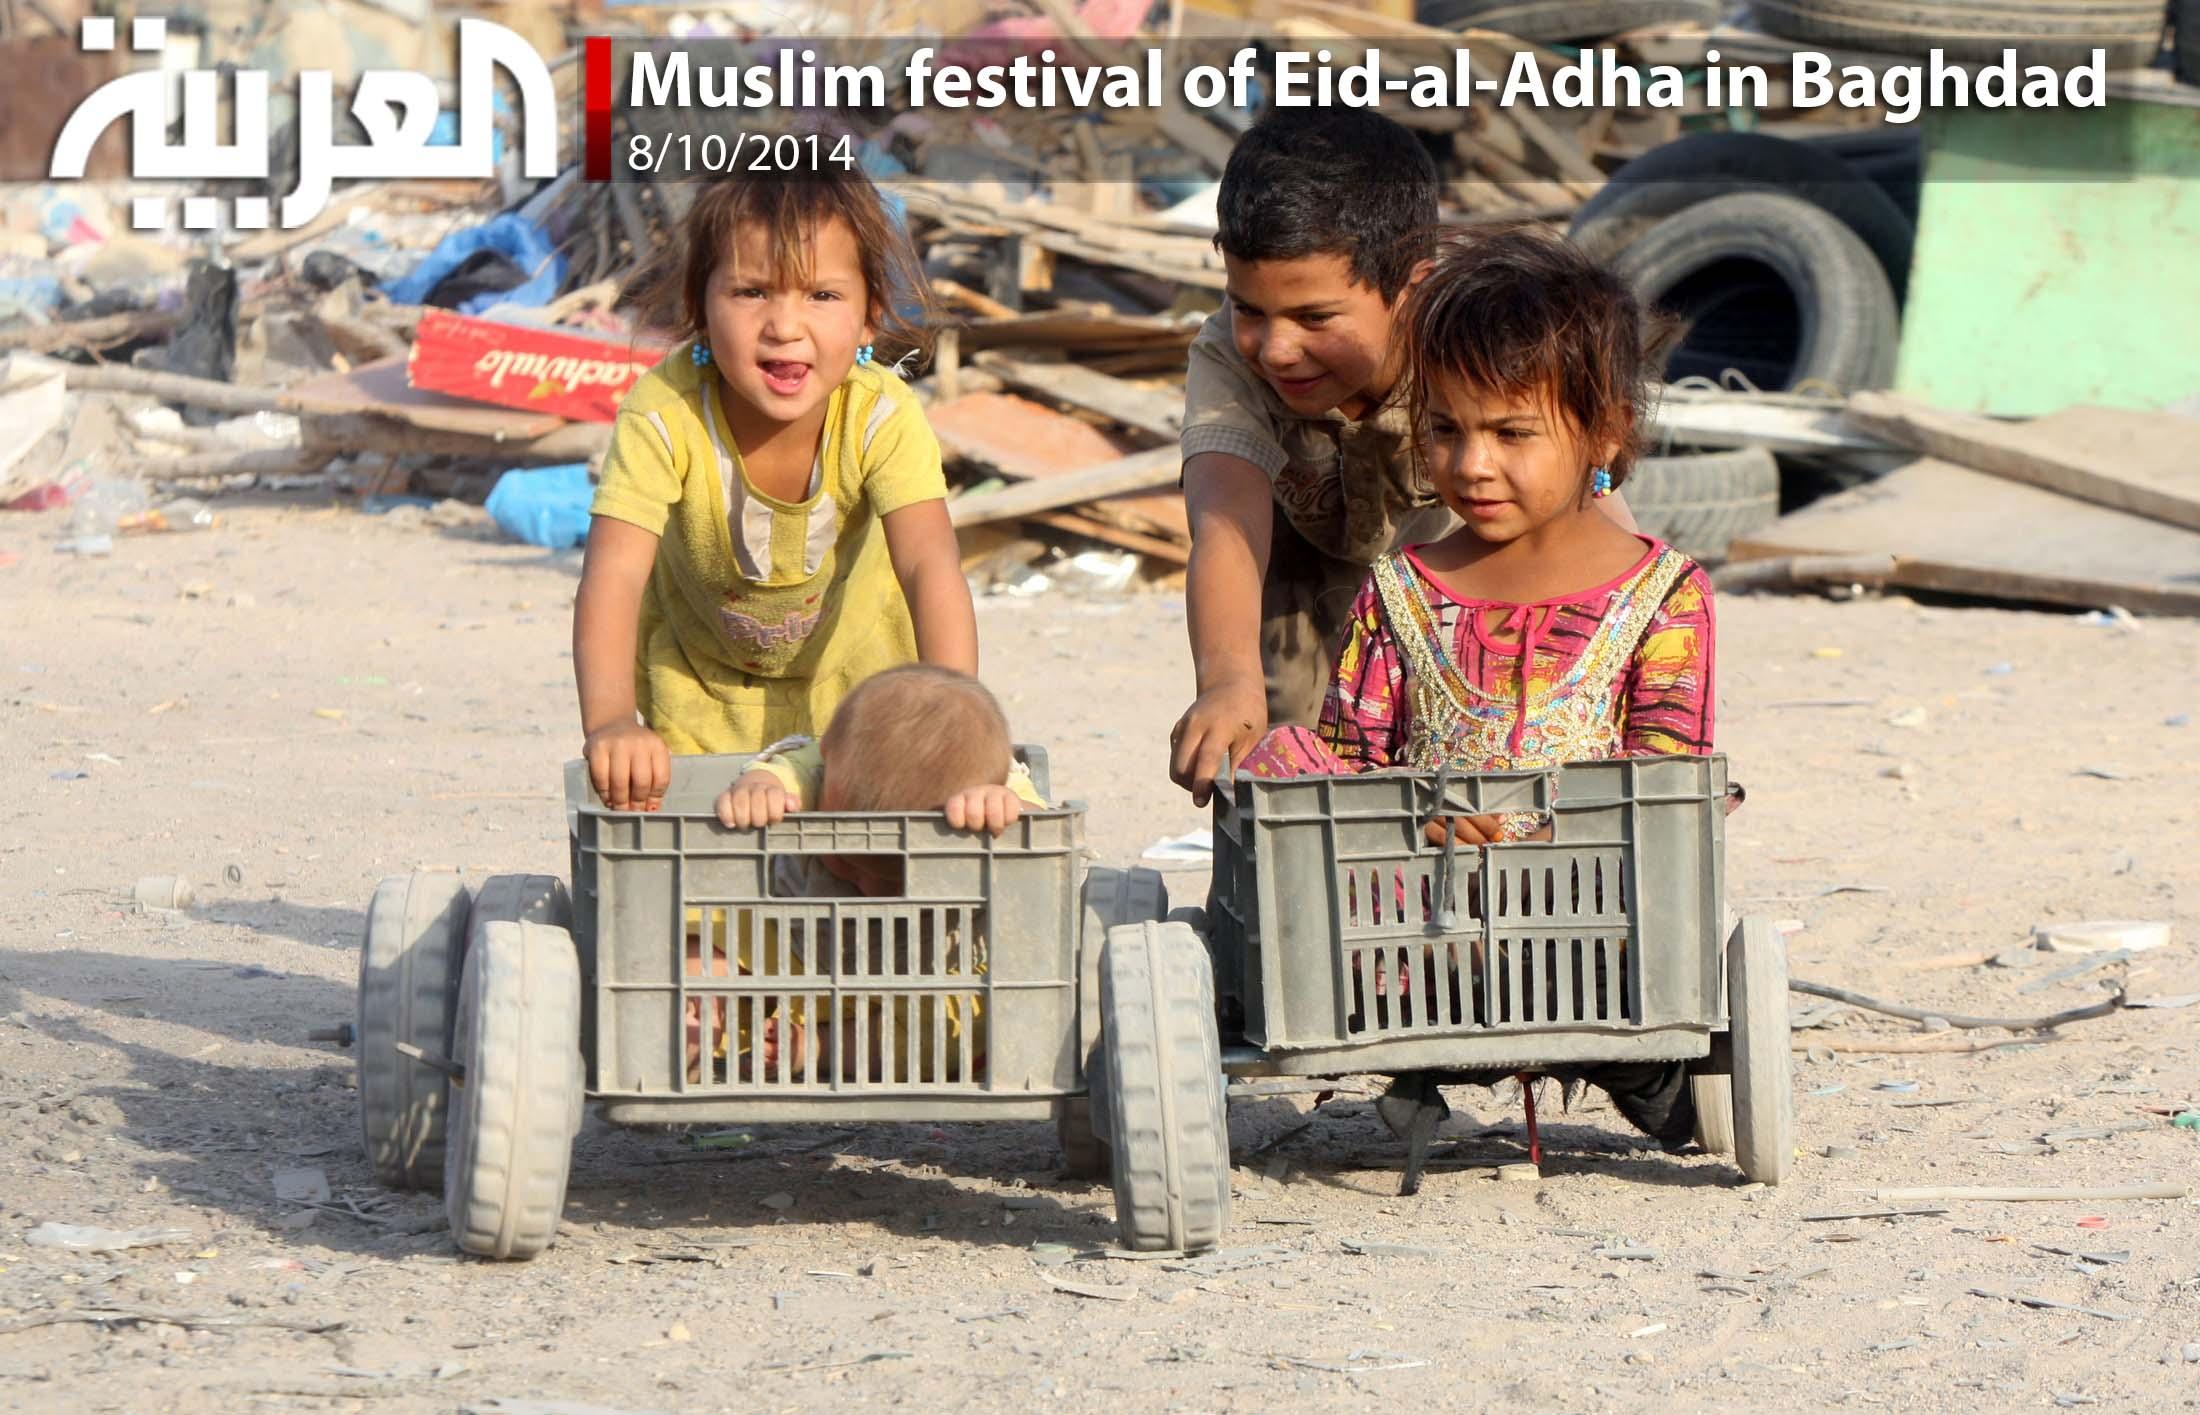 Muslim festival of Eid-al-Adha in Baghdad